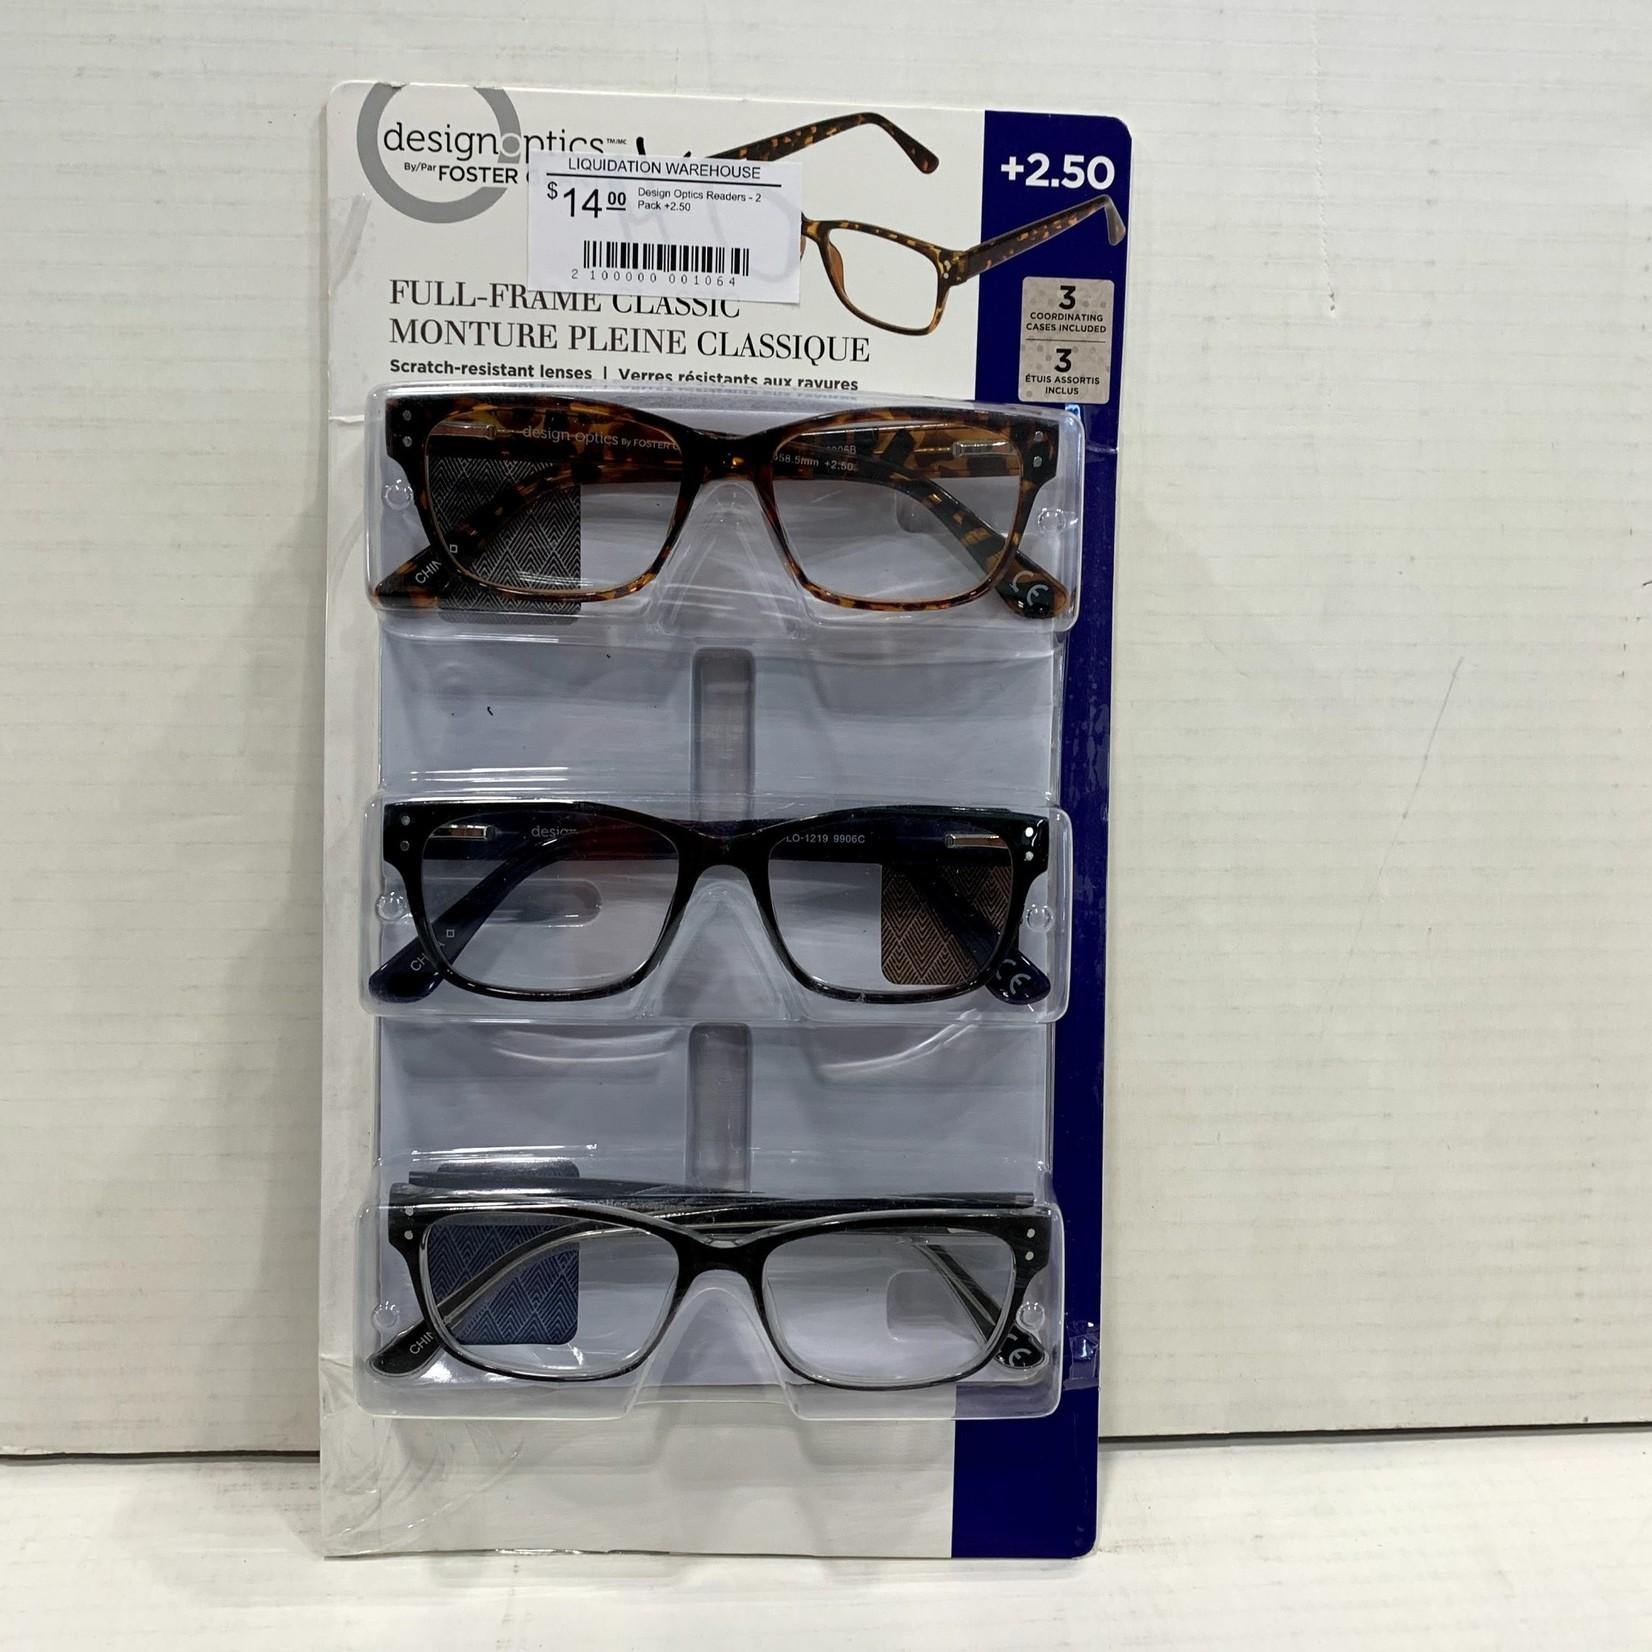 Design Optics Readers - 3 Pack +2.50